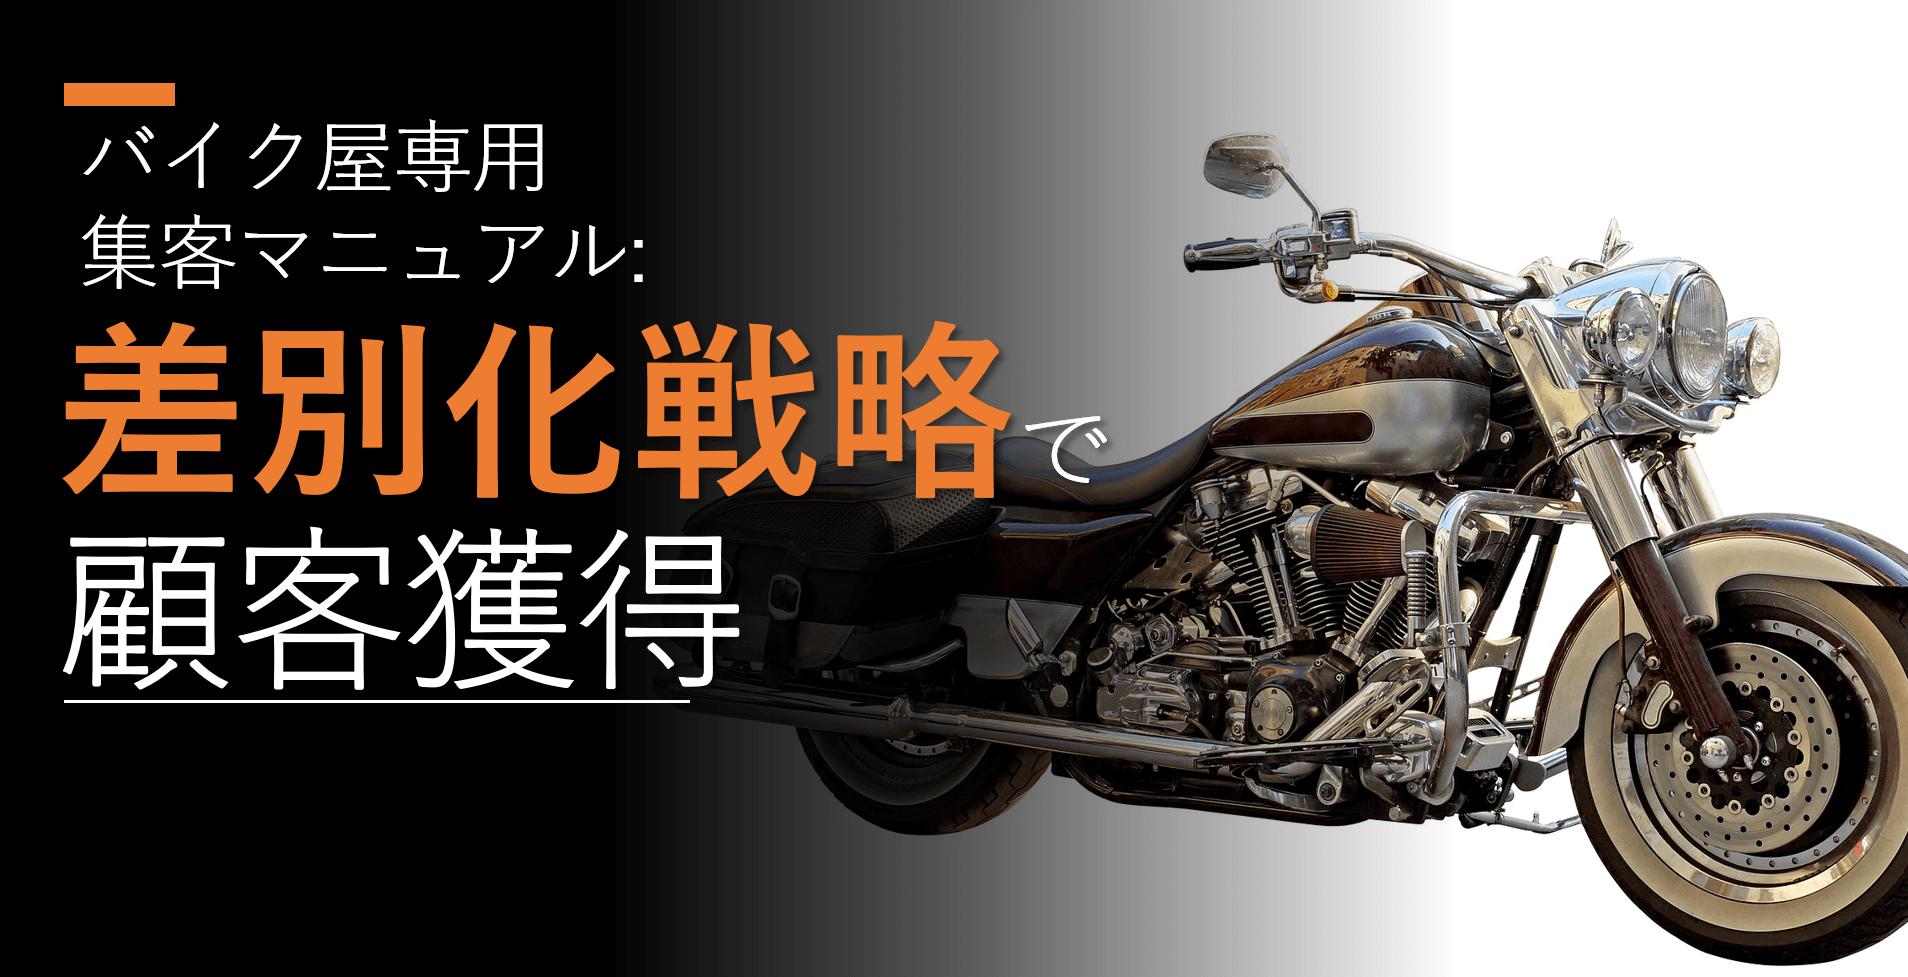 バイク屋で使いたい集客・広告マニュアル【差別化戦略で顧客獲得】